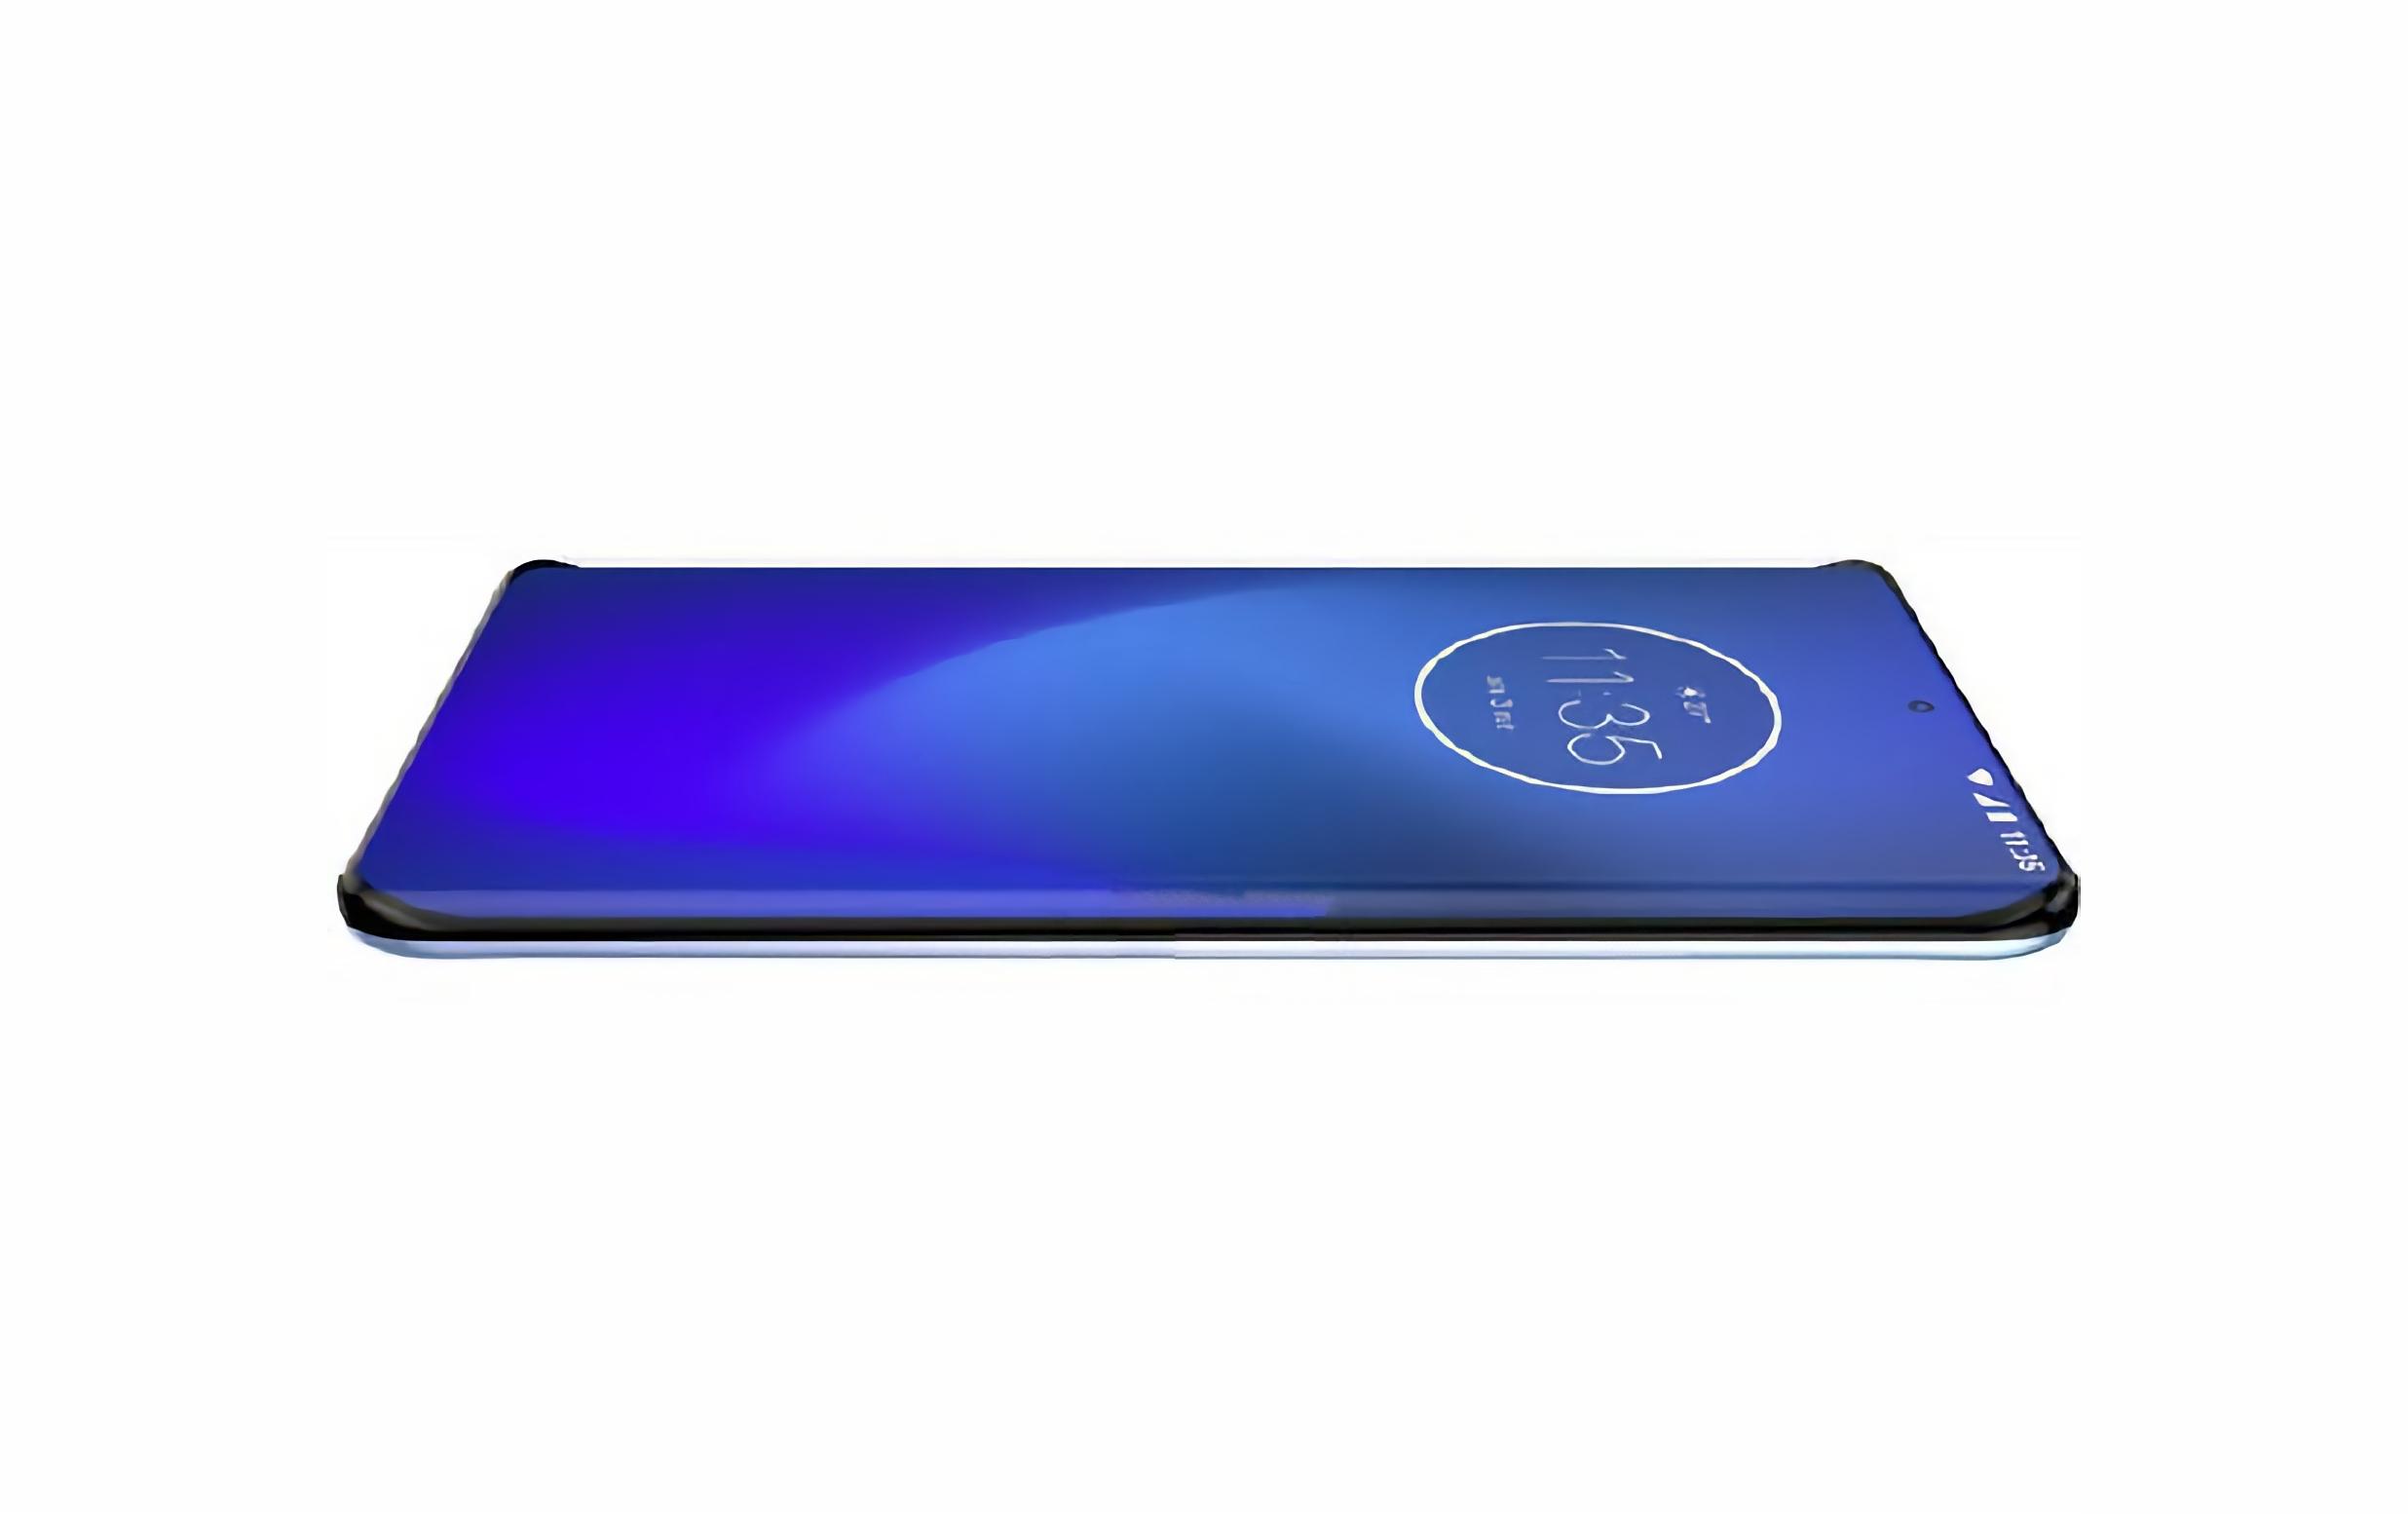 Новый флагманский смартфон Motorola появился на рендерах с экраном «водопад» и квадро-камерой